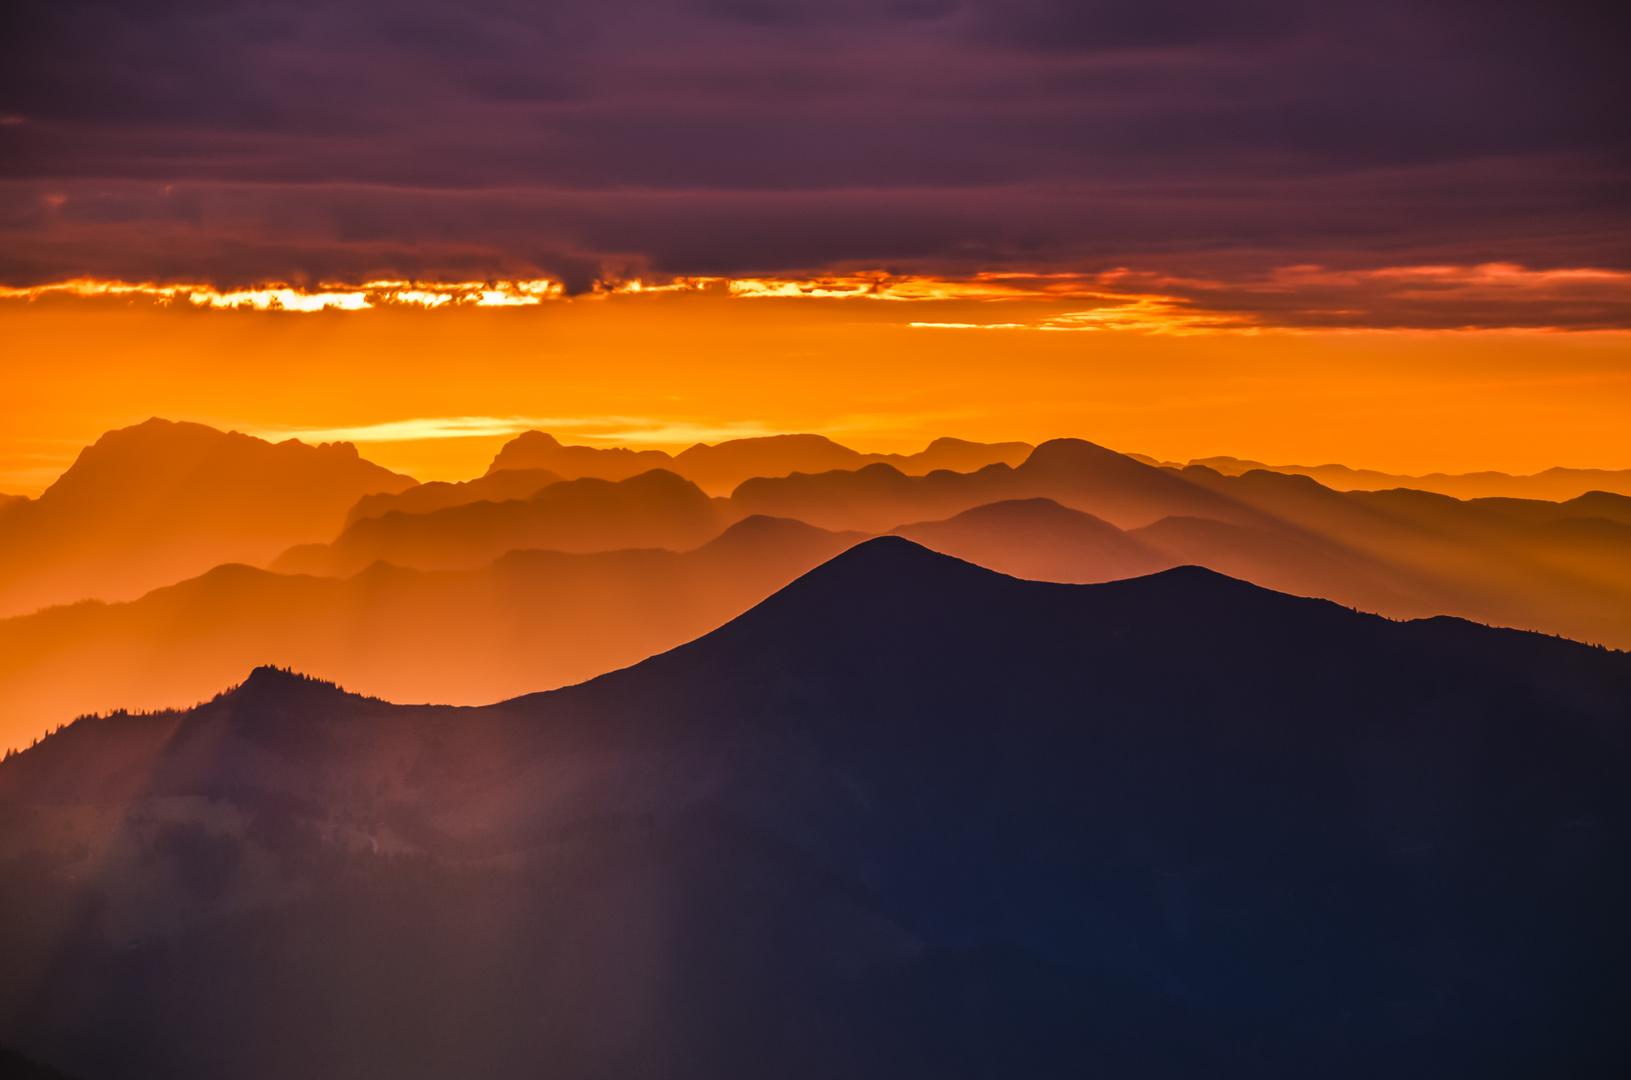 Das gleißende Licht der Sonne wenn sie den Tag beginnt...